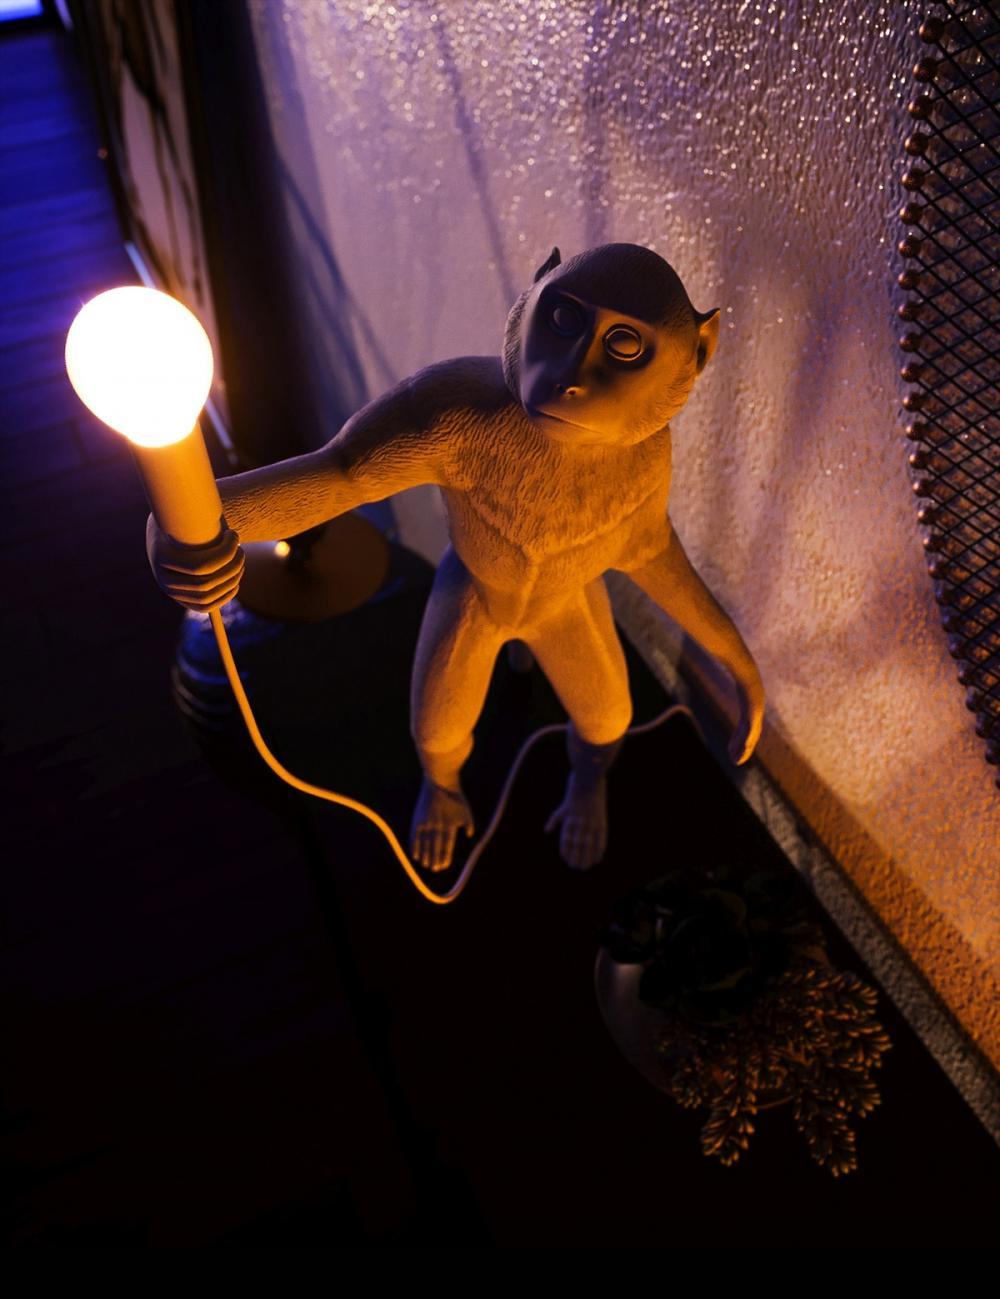 giá đỡ đèn hình chú khỉ